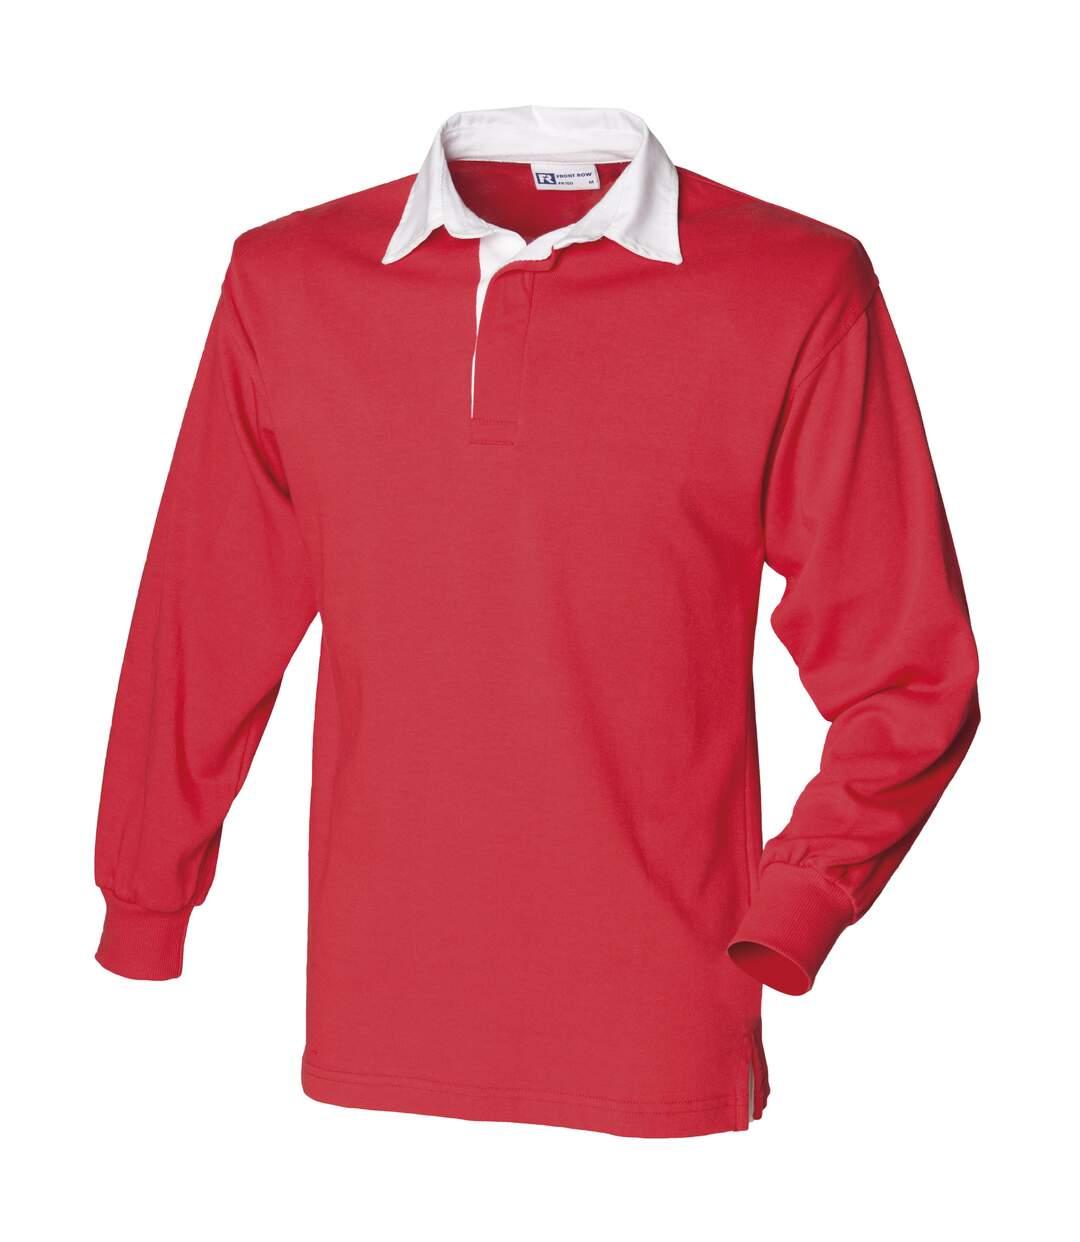 Front Row - Polo De Rugby À Manches Longues 100% Coton - Homme (Rouge/Blanc) - UTRW478